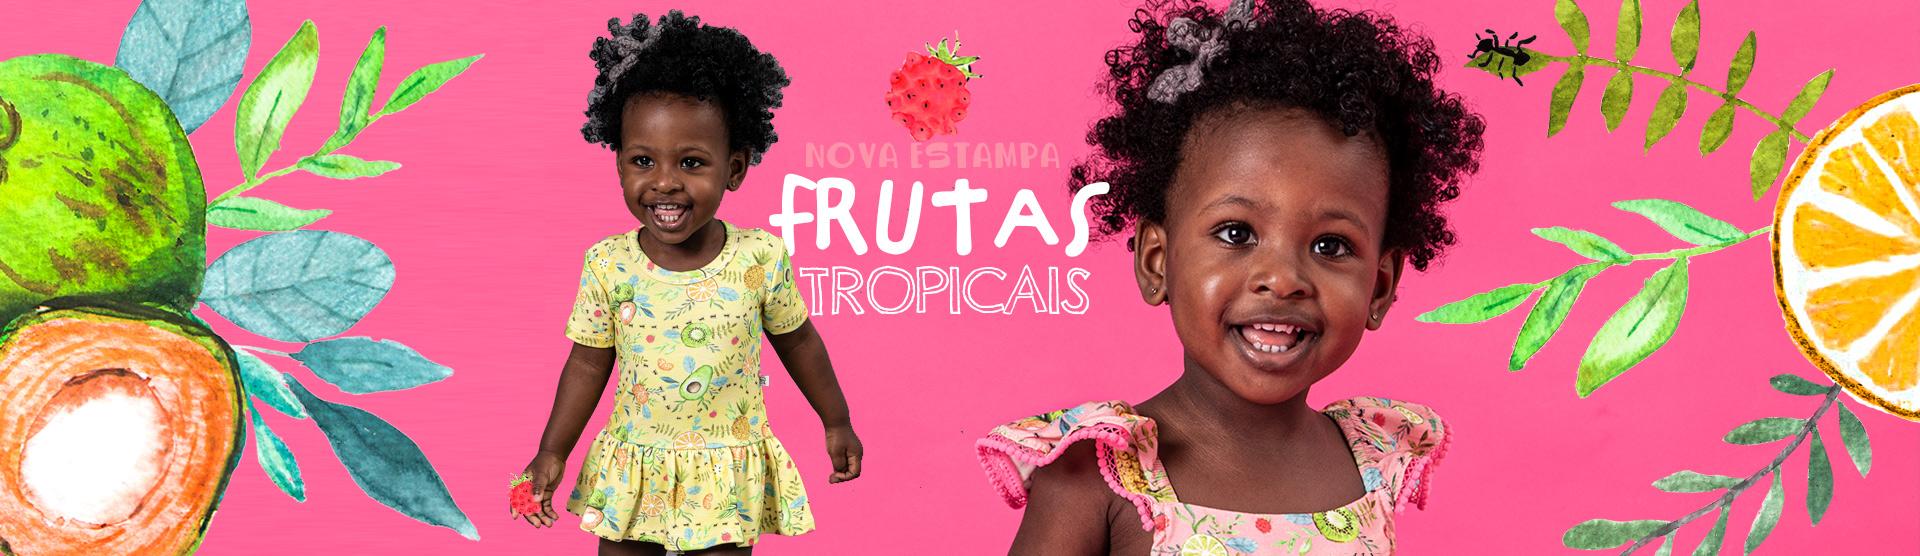 banner frutas tropicais